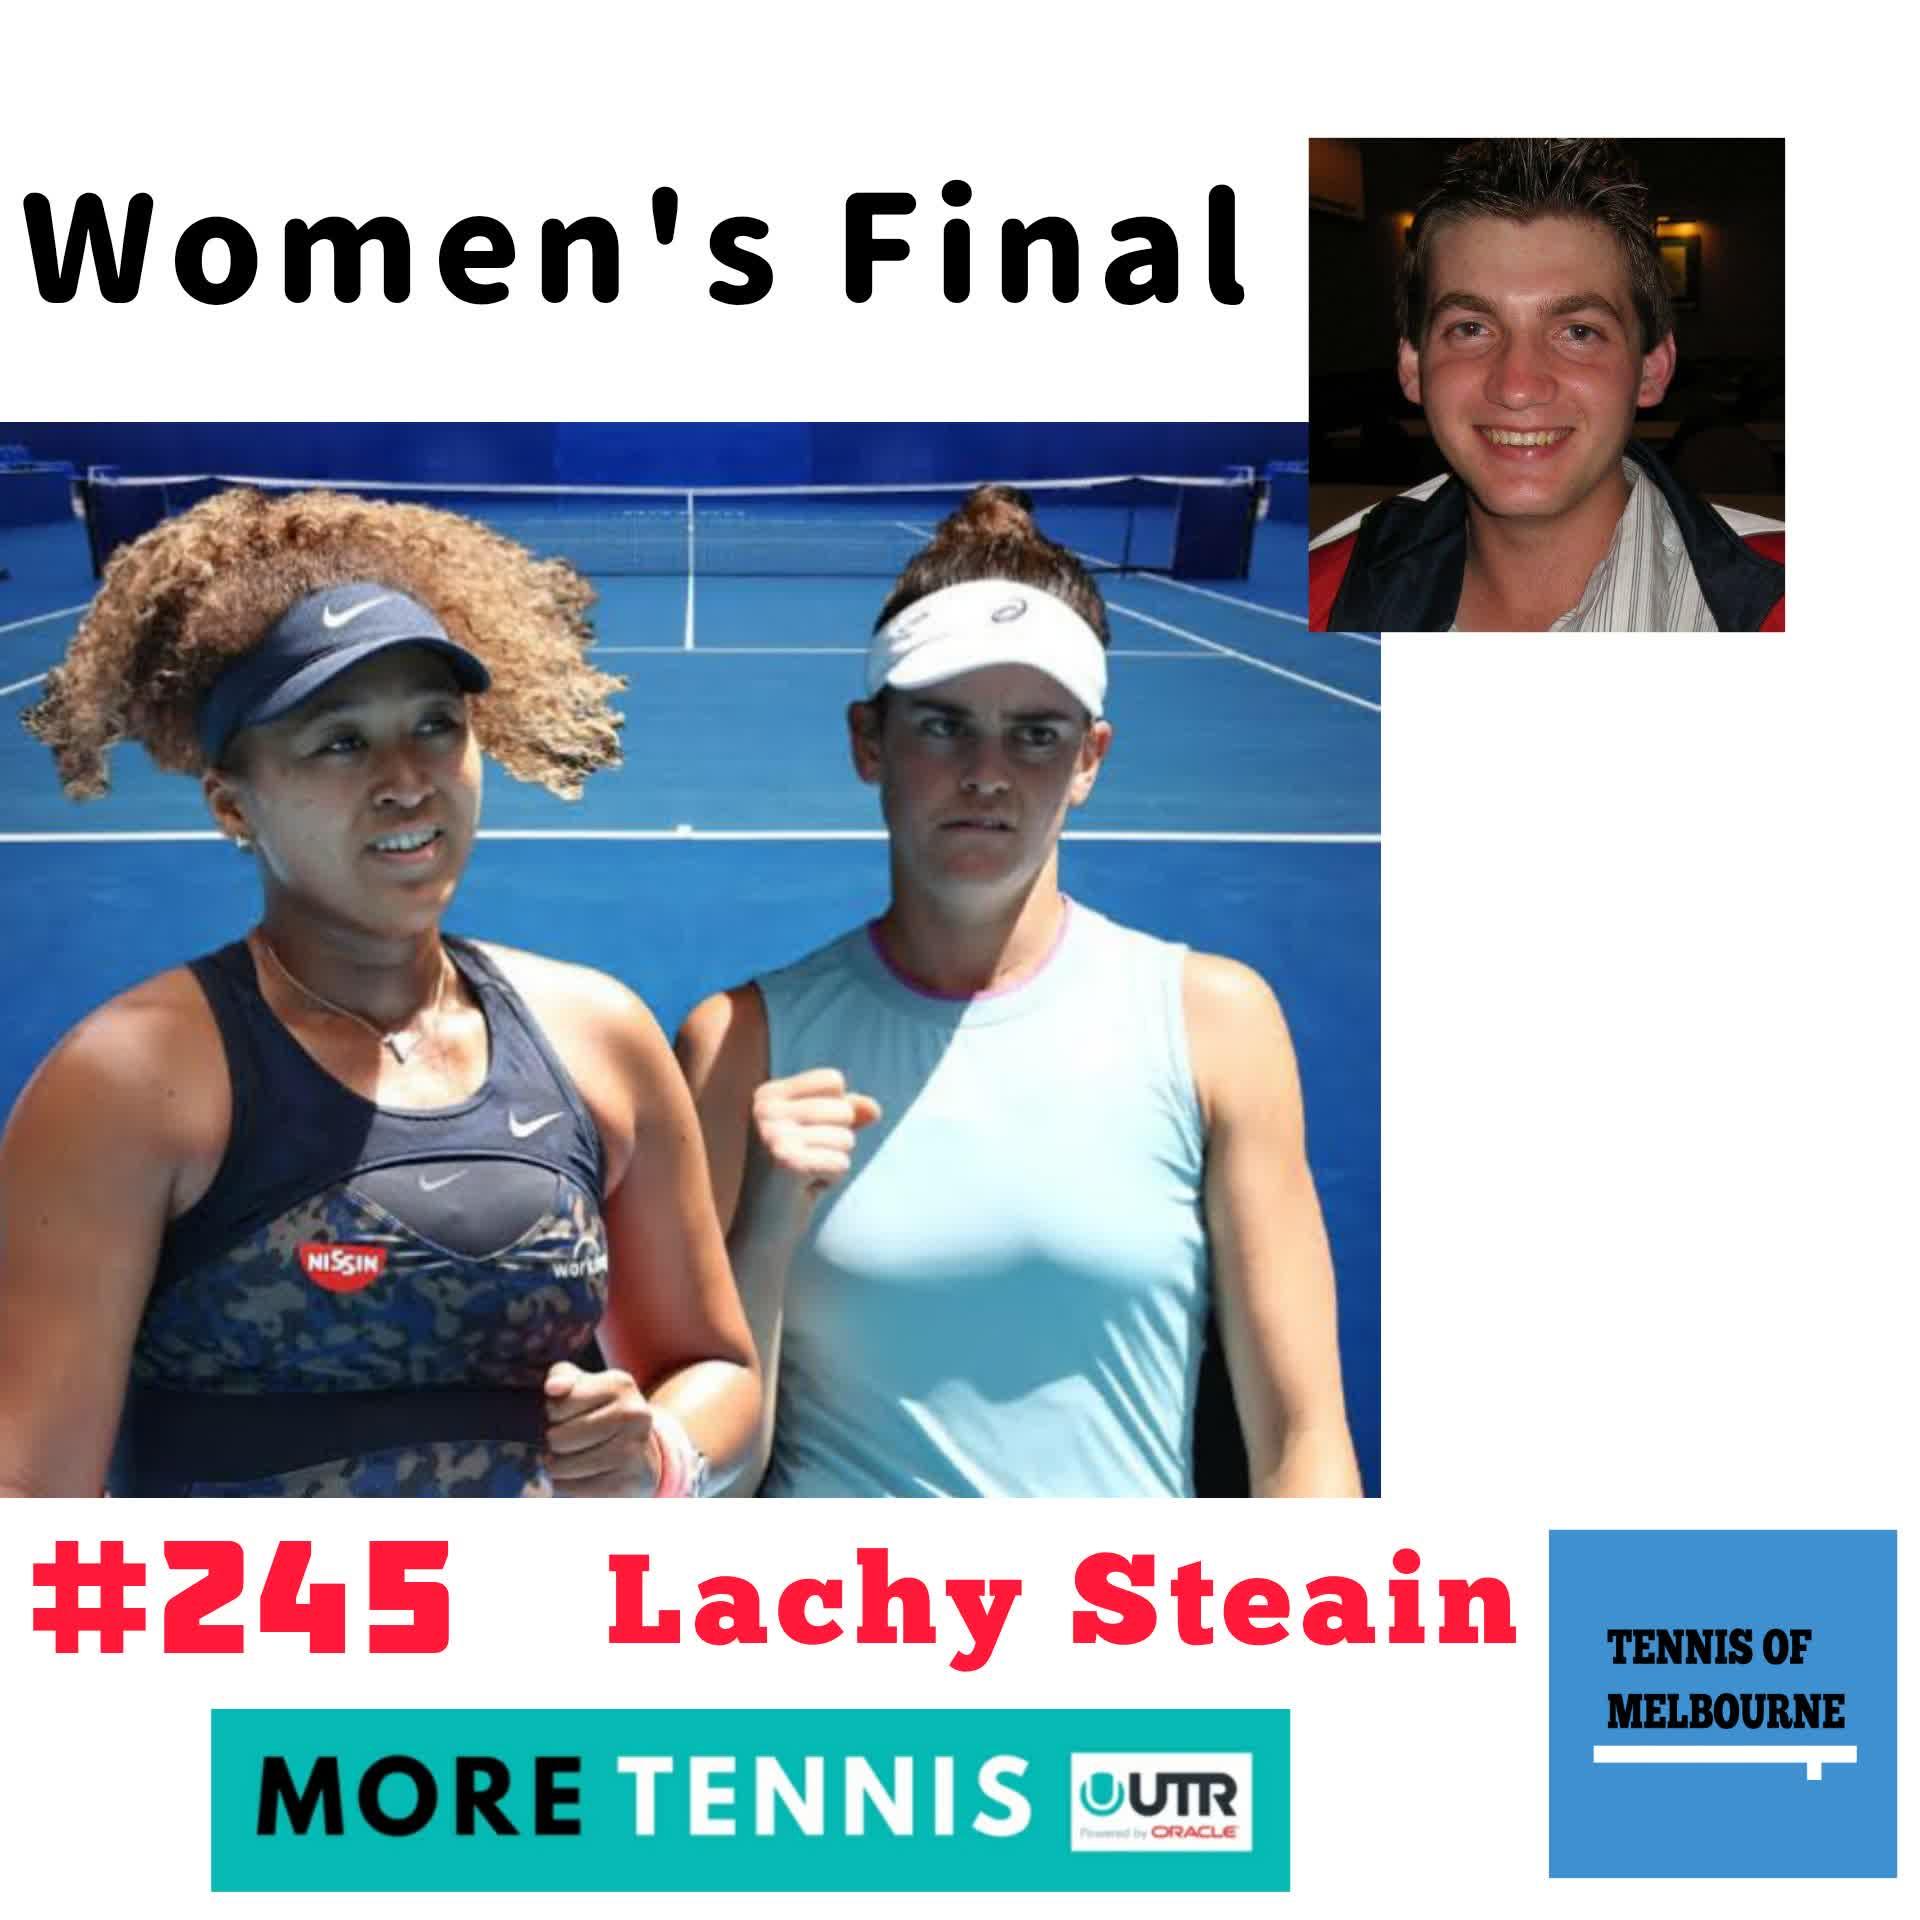 #245 Lachy Steain | AO Women's Final